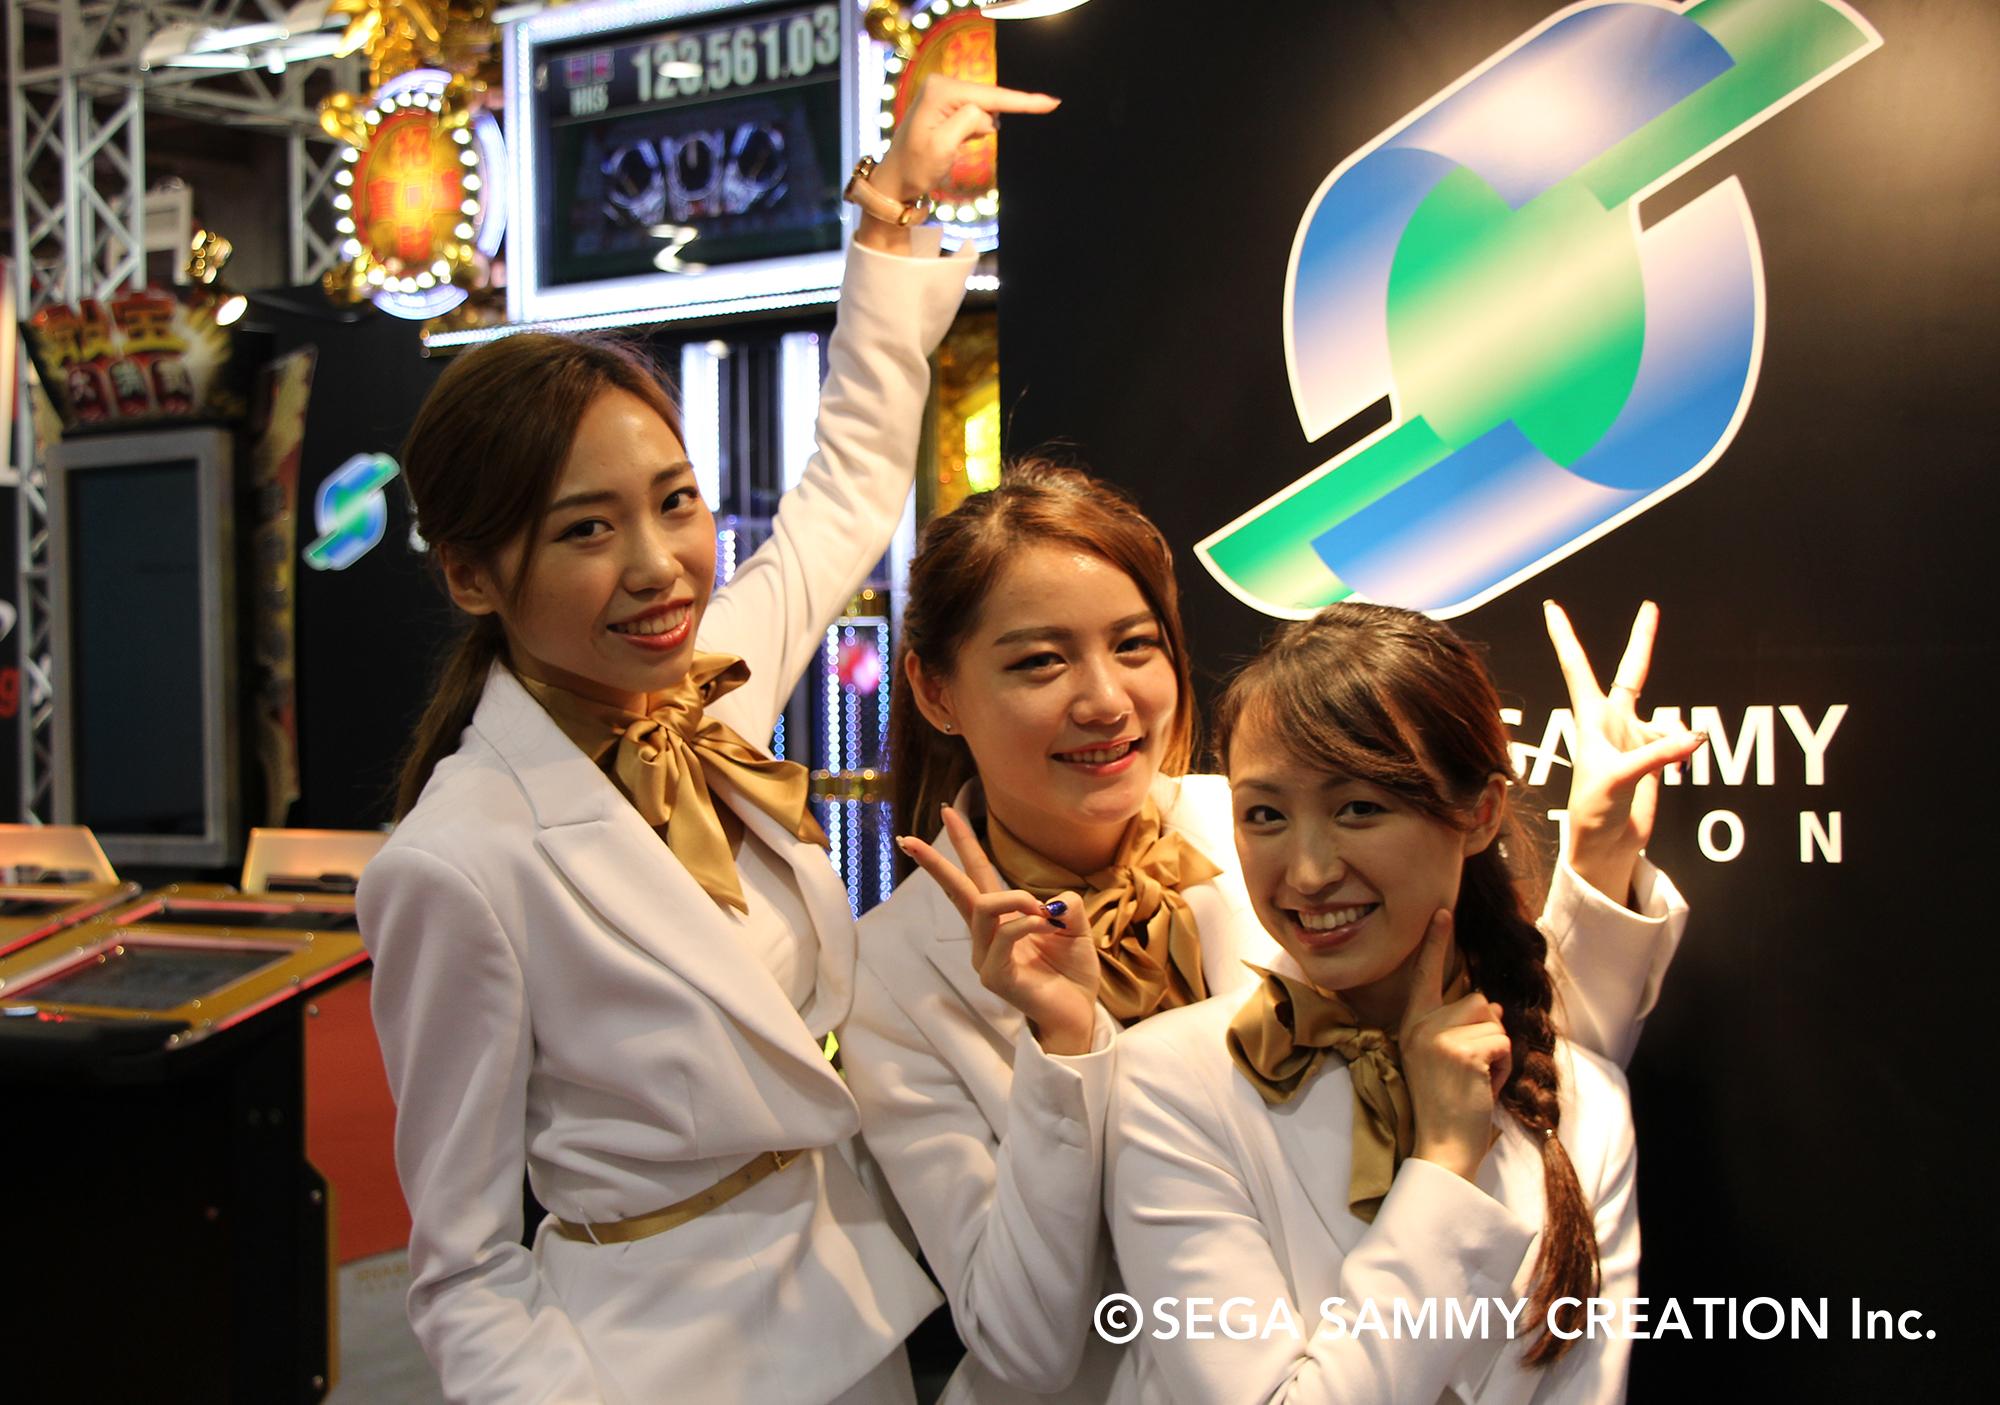 日本のセガサミーも参加。